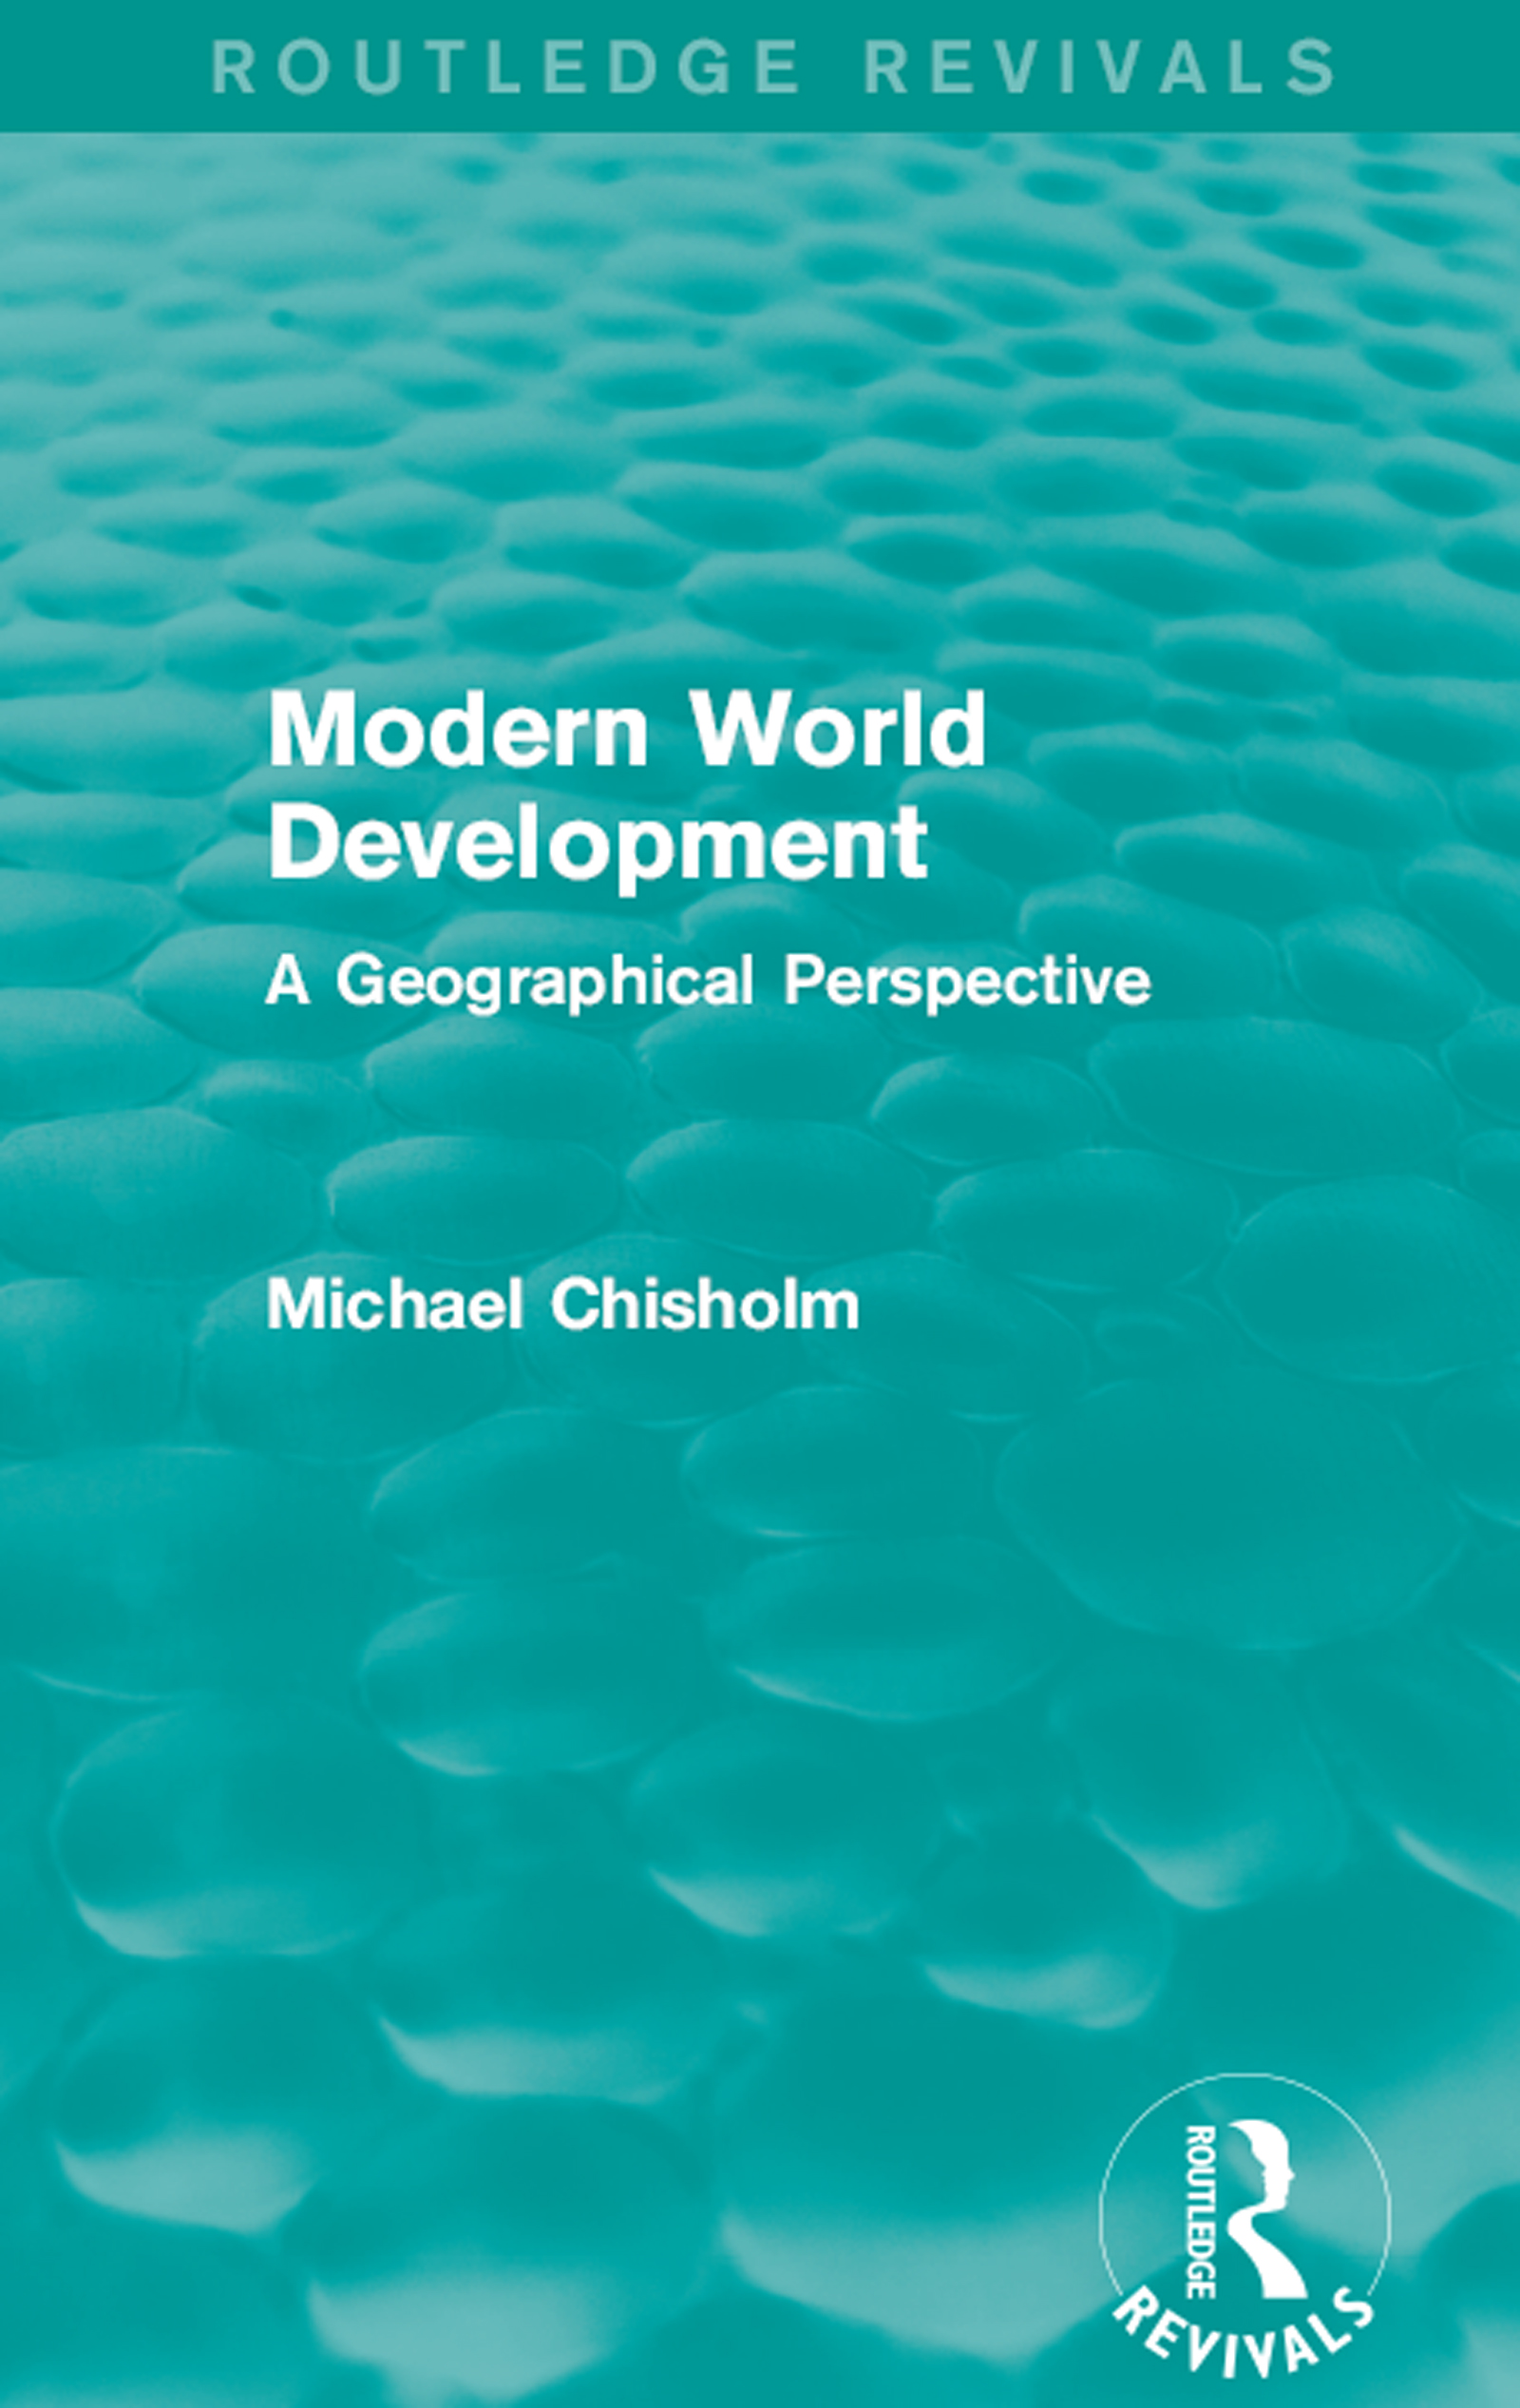 Modern World Development